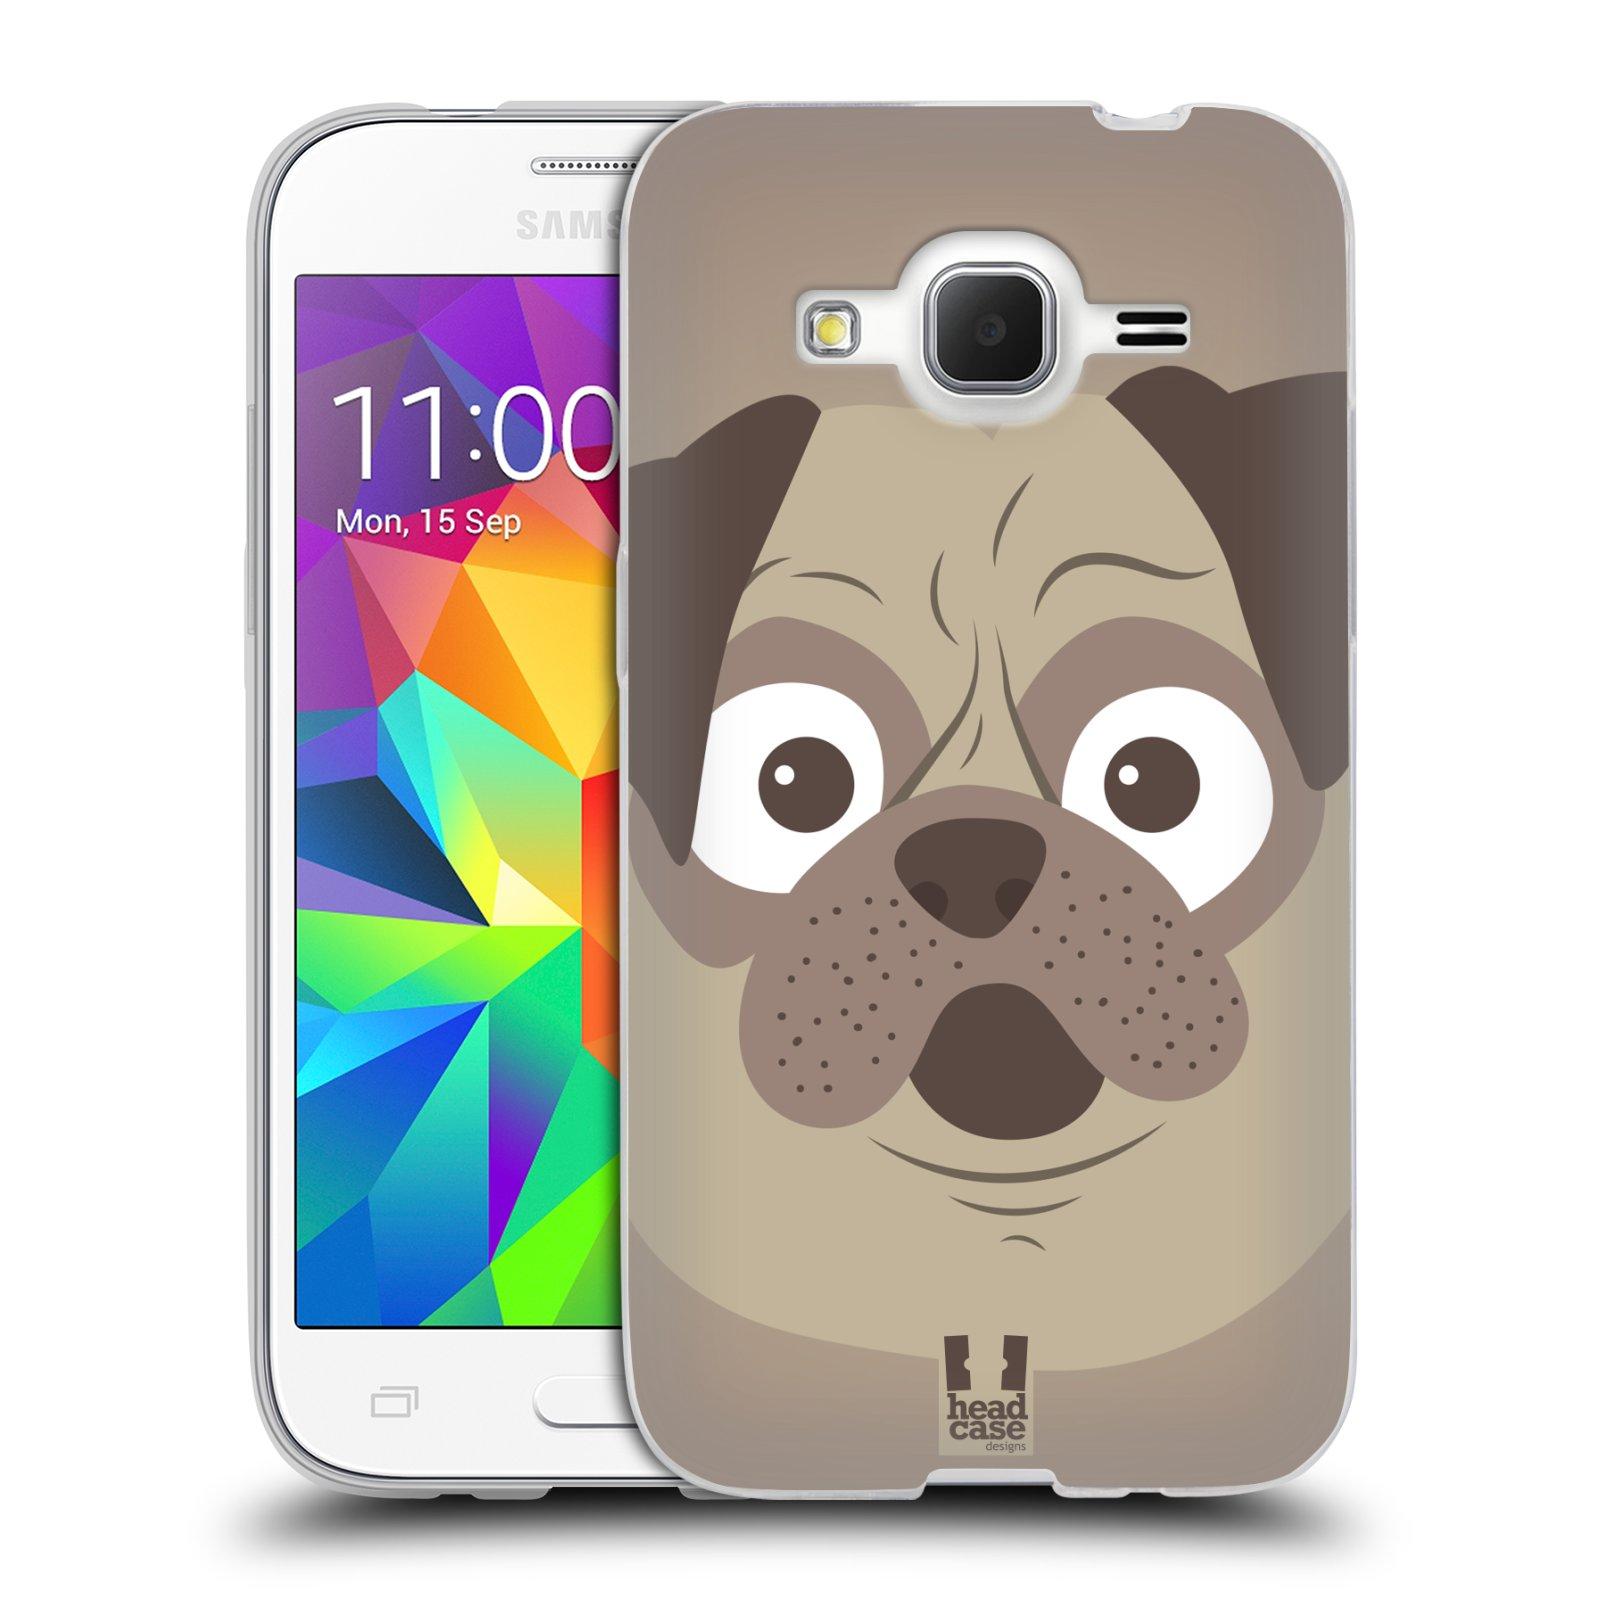 HEAD CASE silikonový obal na mobil Samsung Galaxy Core Prime (G360) vzor Cartoon Karikatura barevná kreslená zvířátka pes mopsík